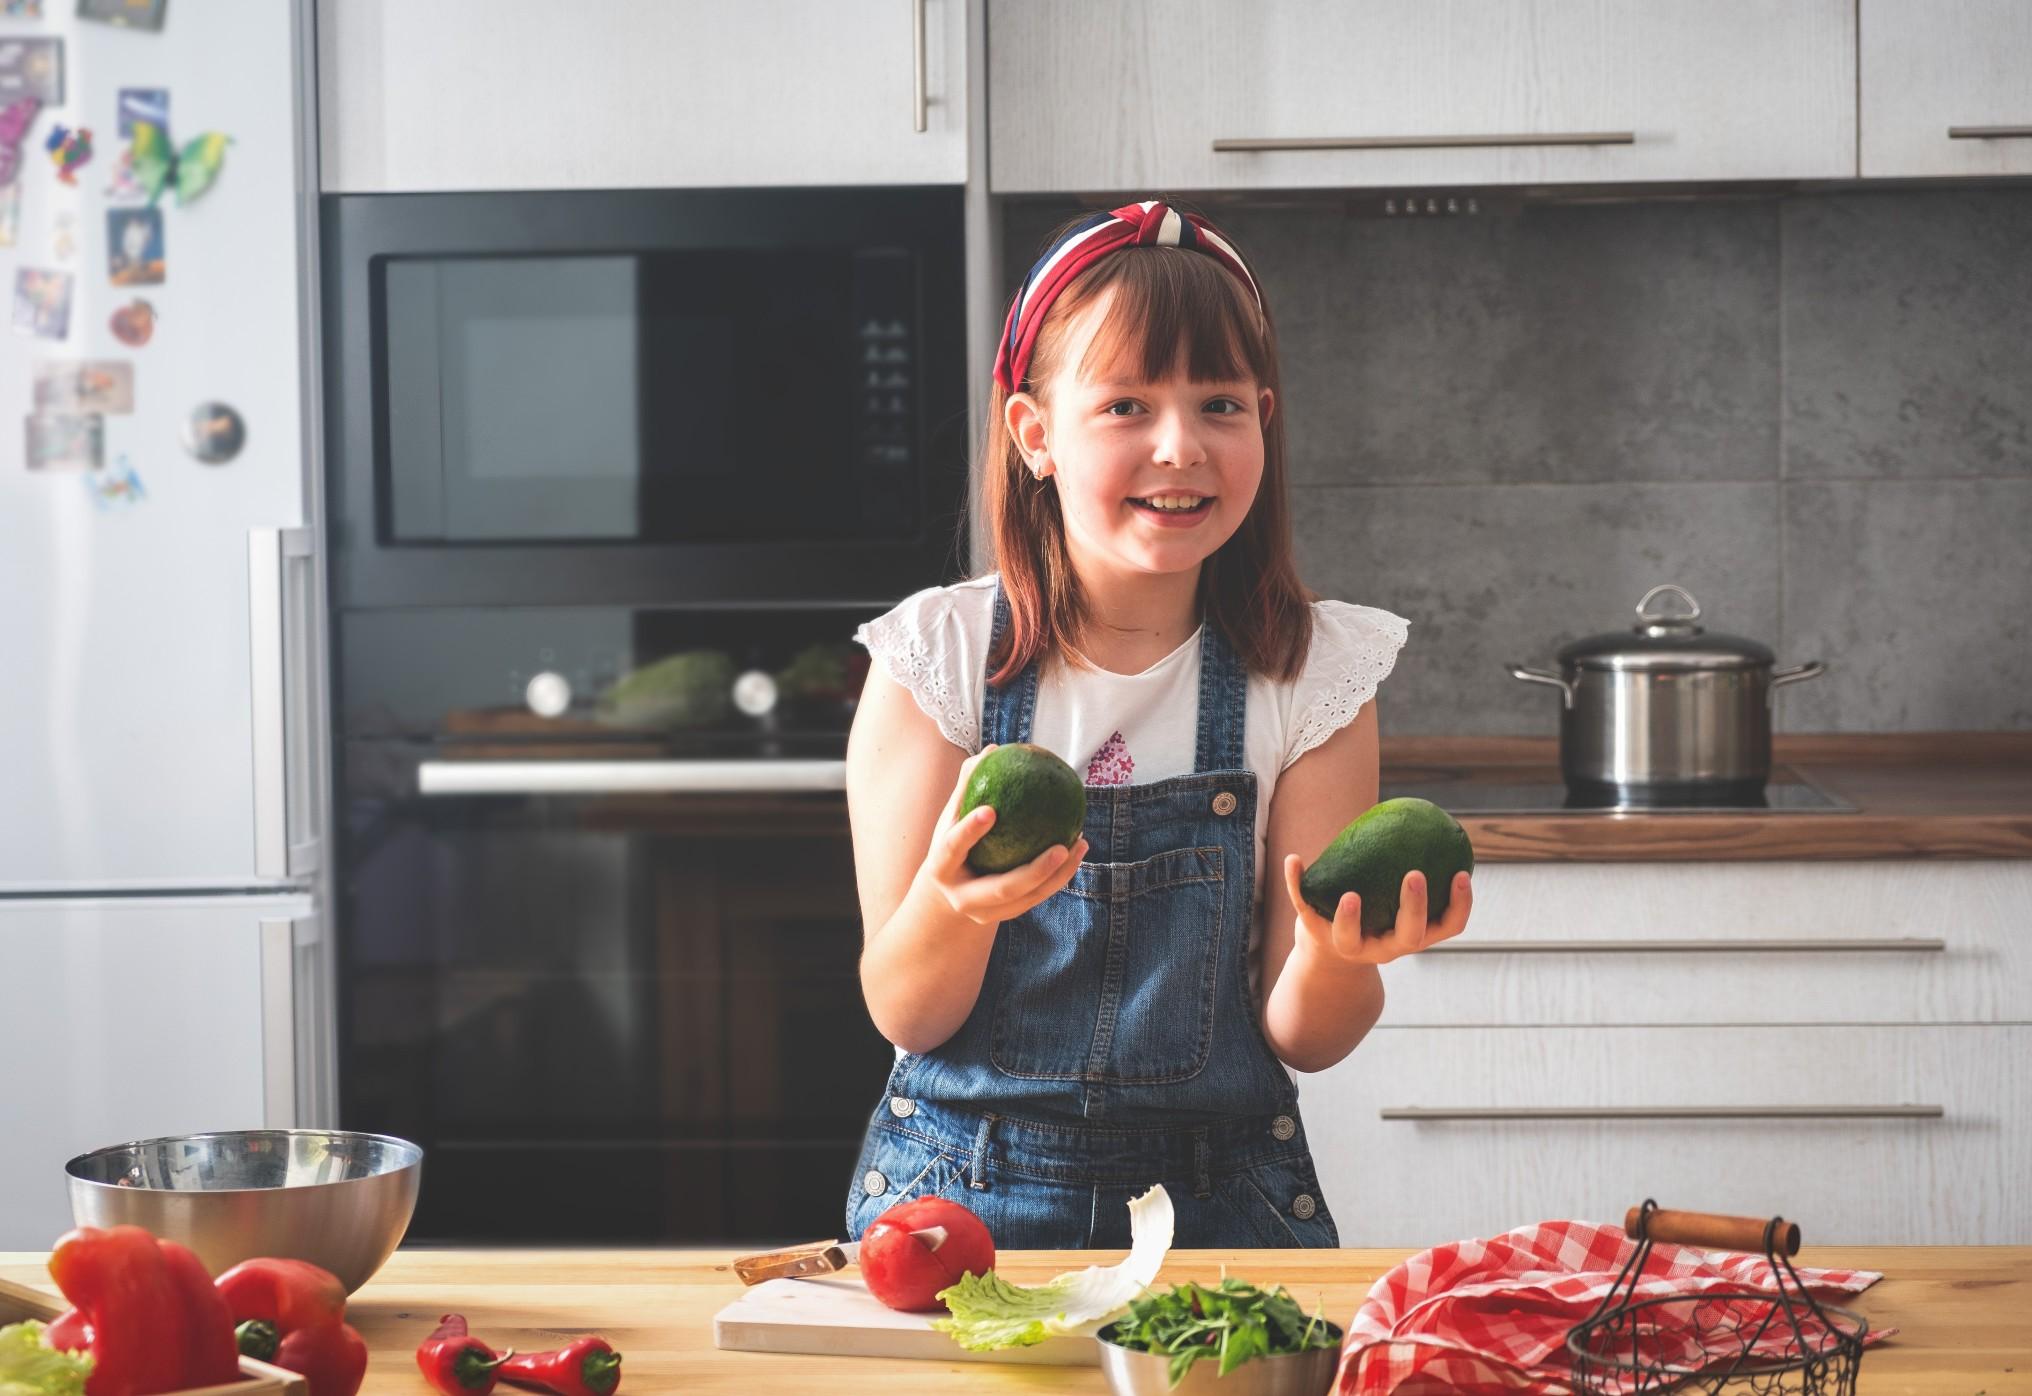 Les recettes de mamans revisitées, comment les réussir ?